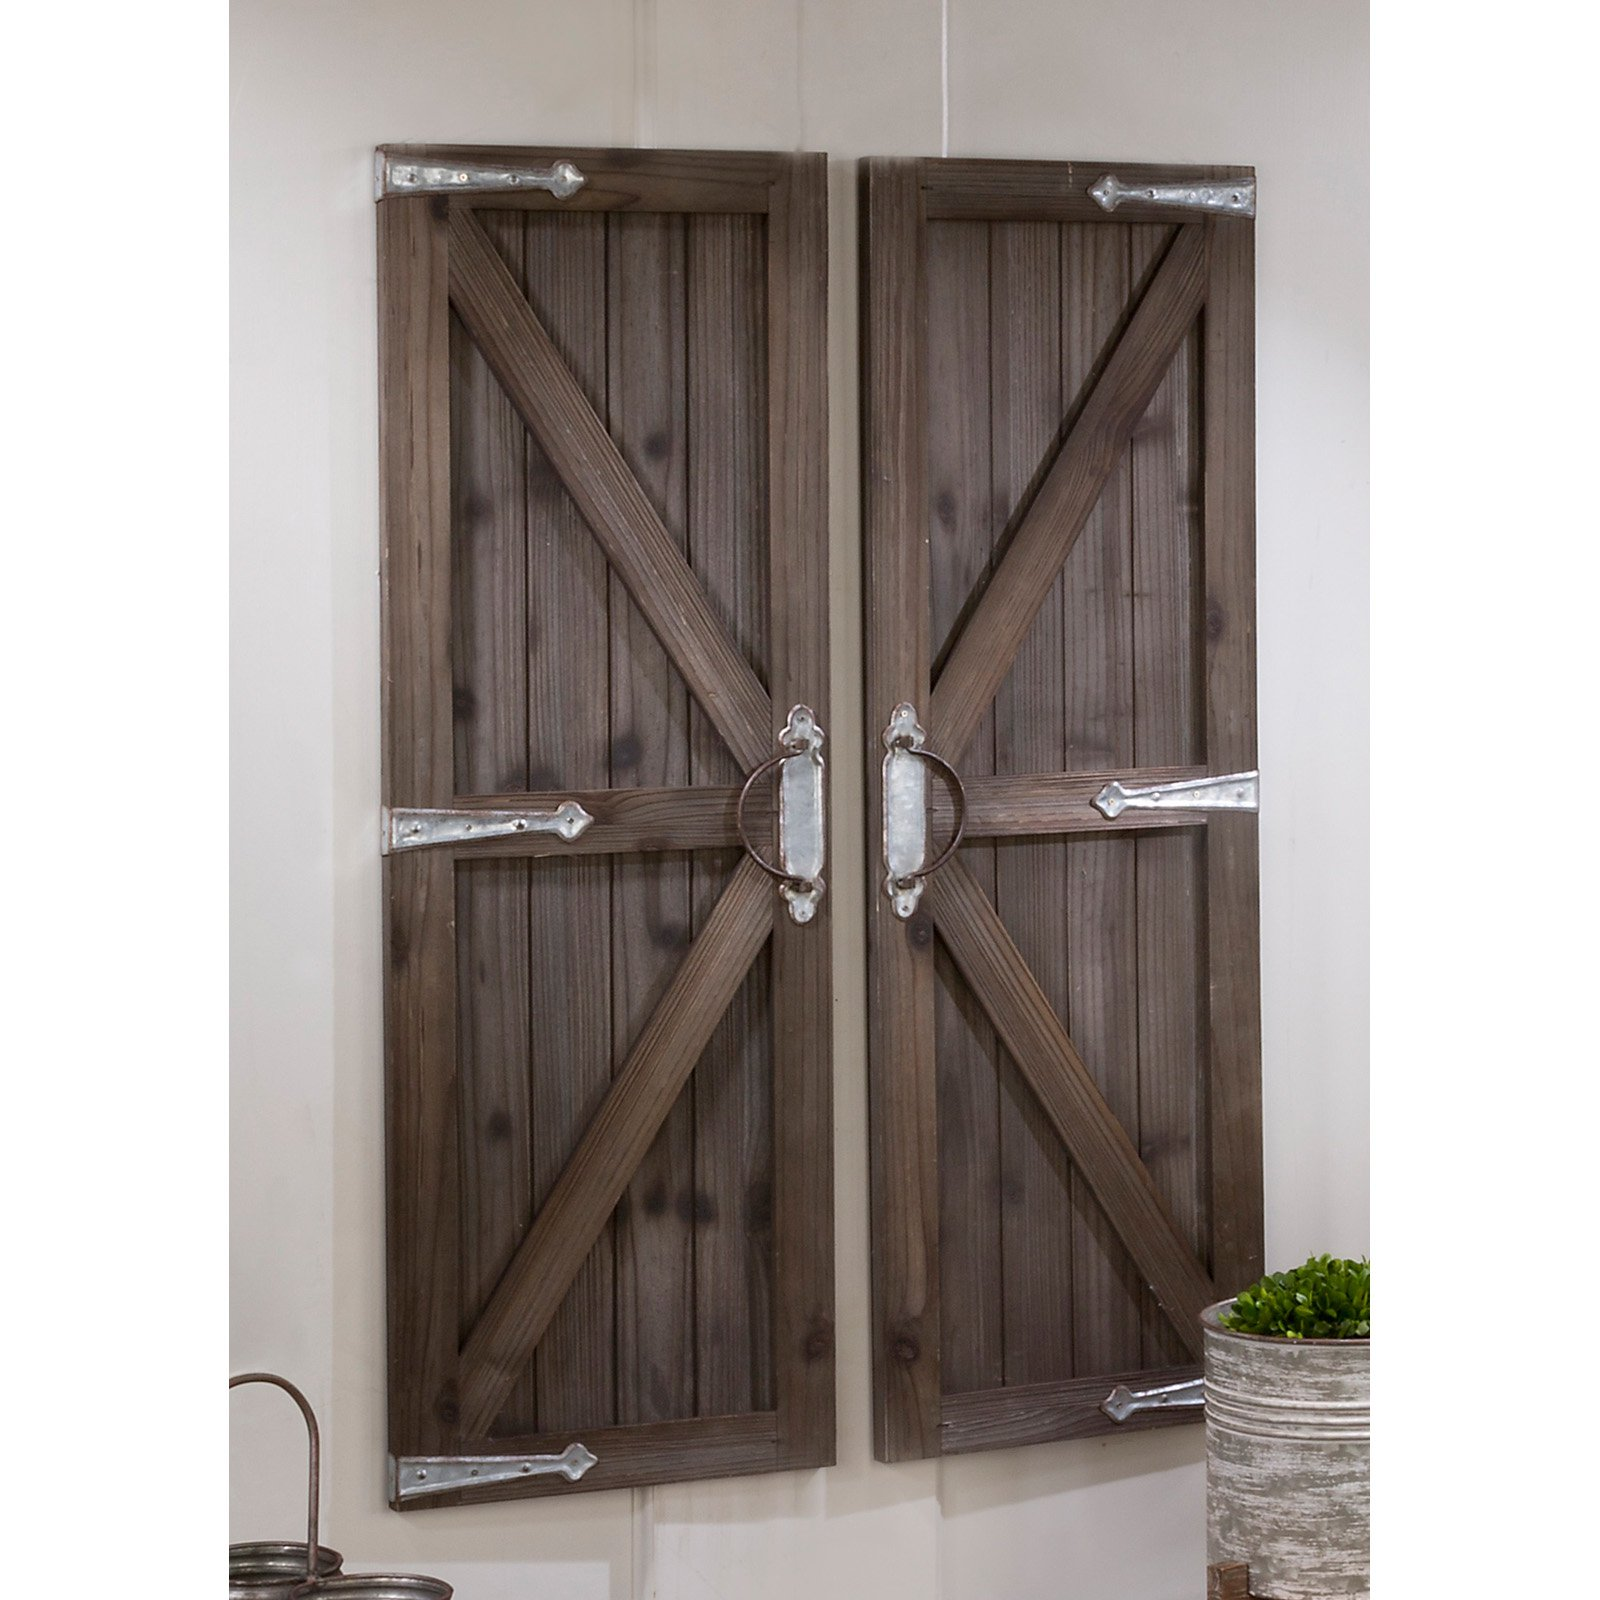 Tripar Barn Door Wall Accent - Set of 2